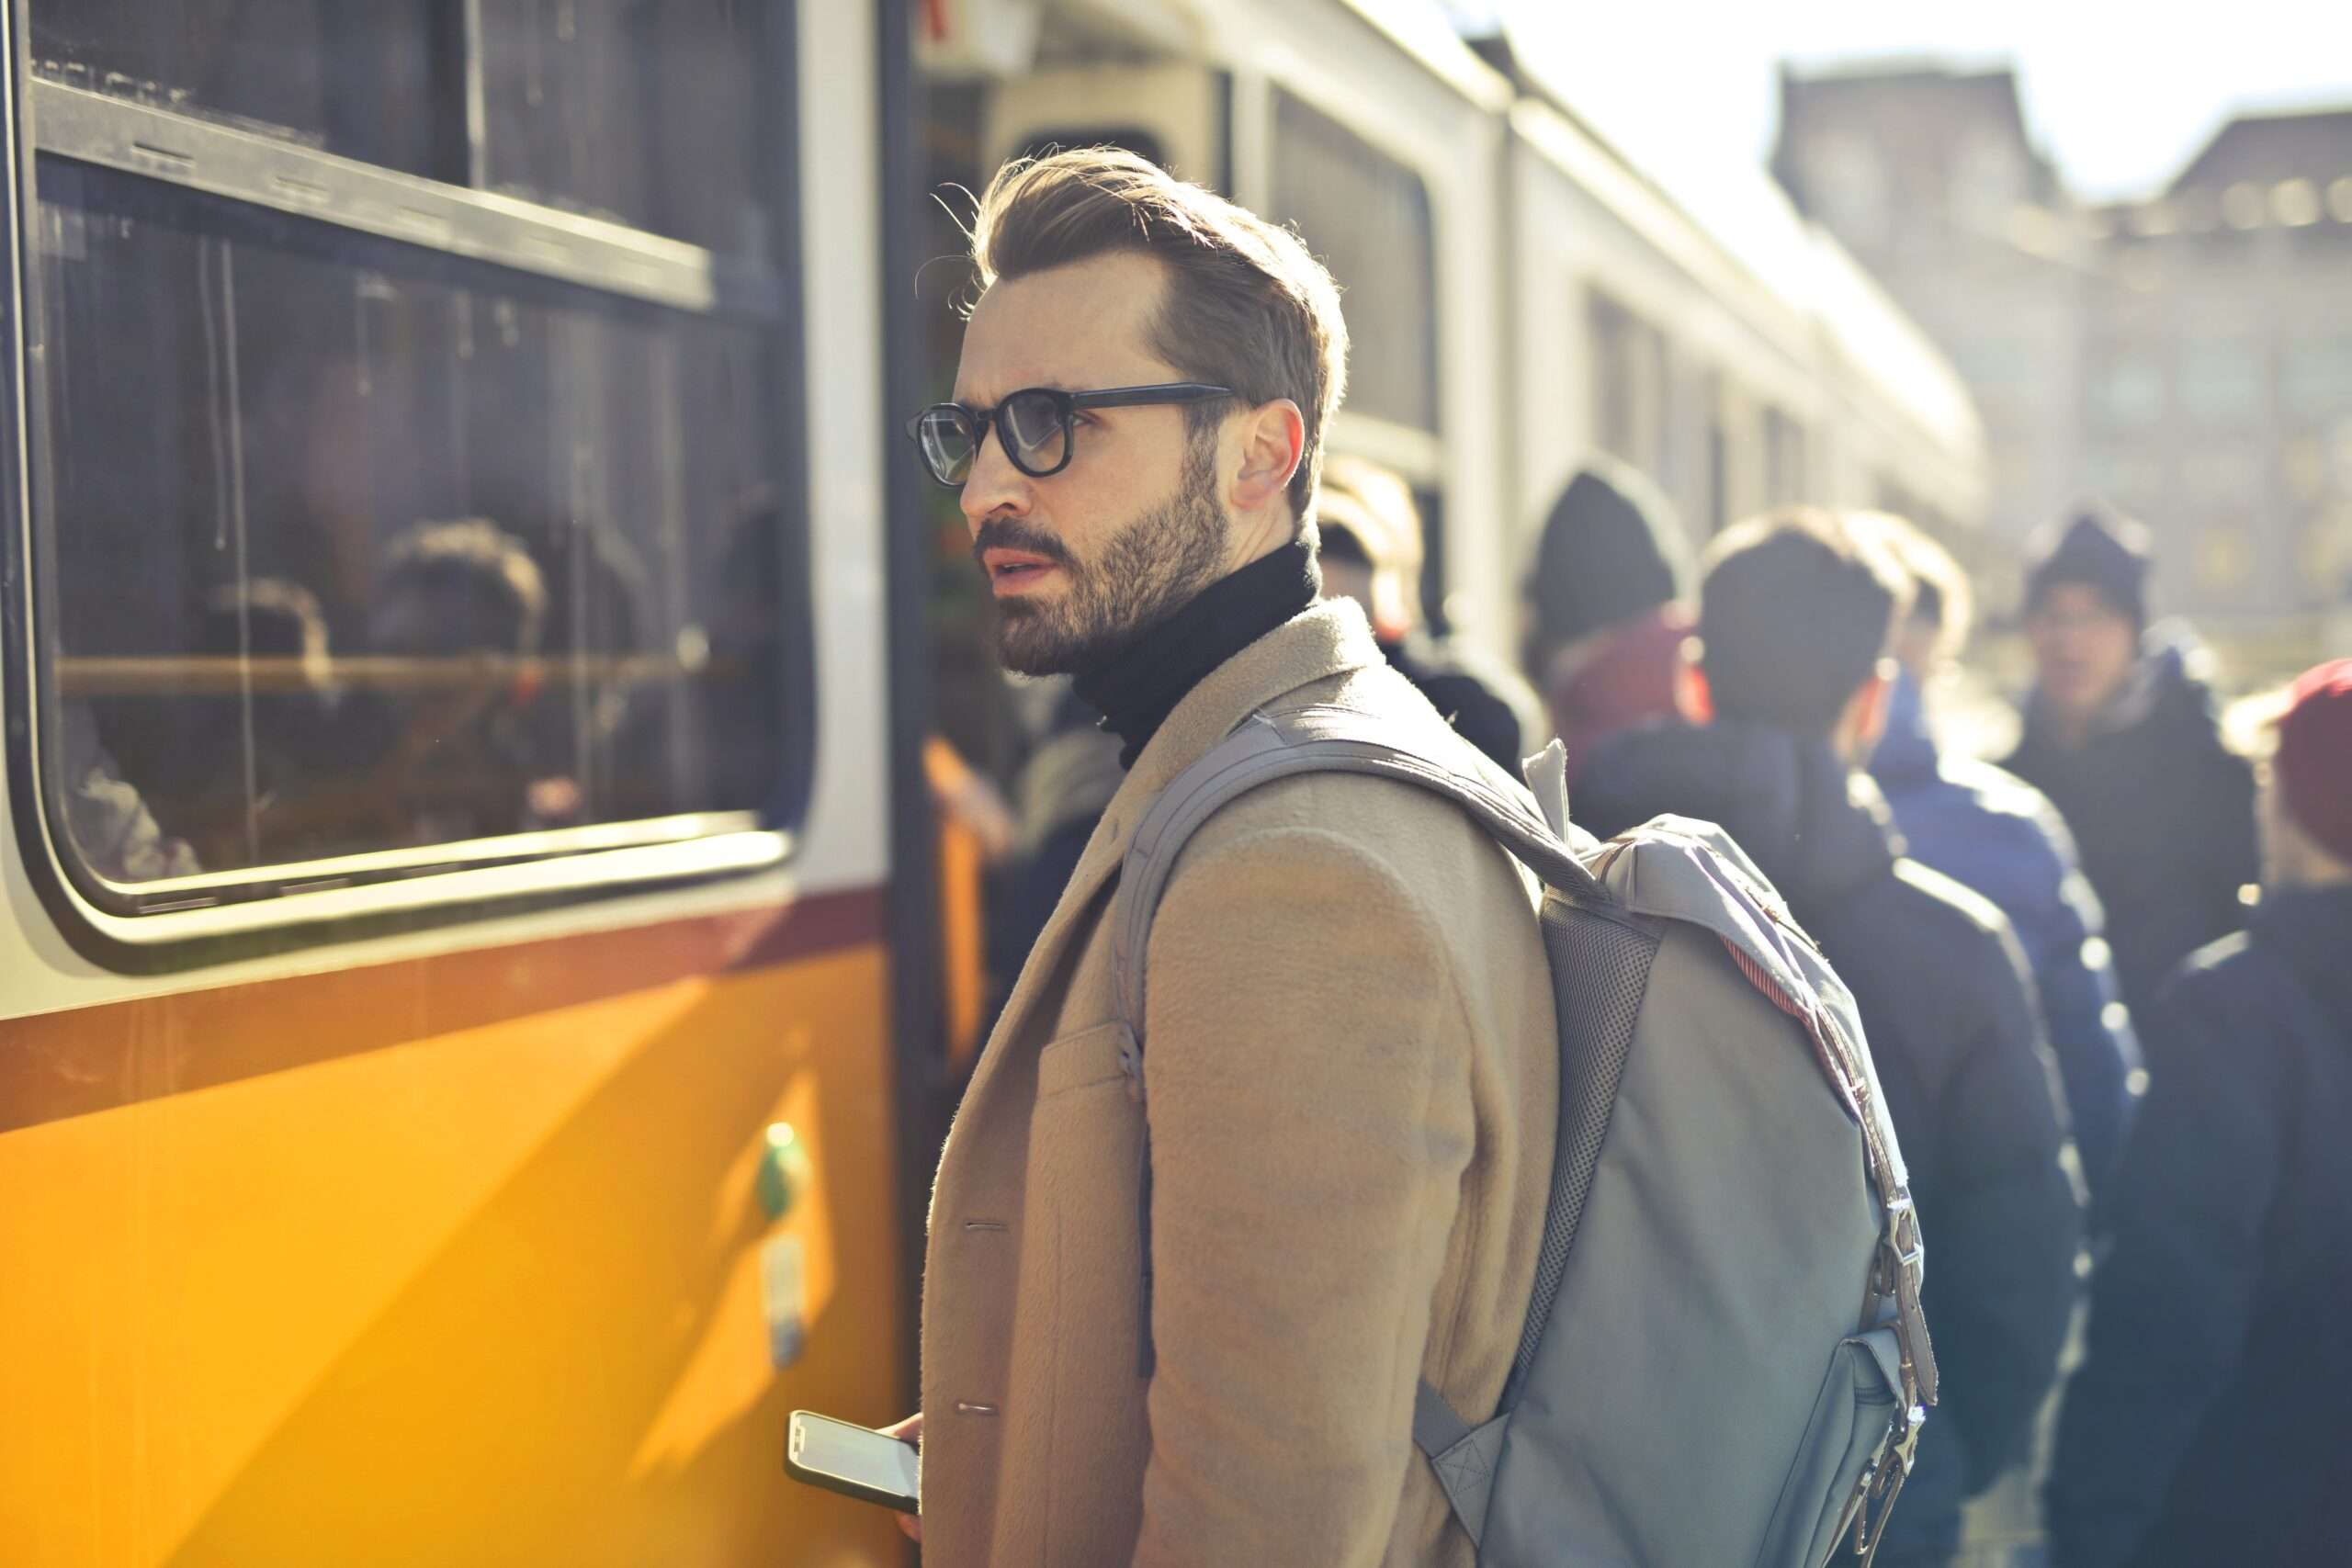 5 viaggi da fare assolutamente prima dei 35 anni